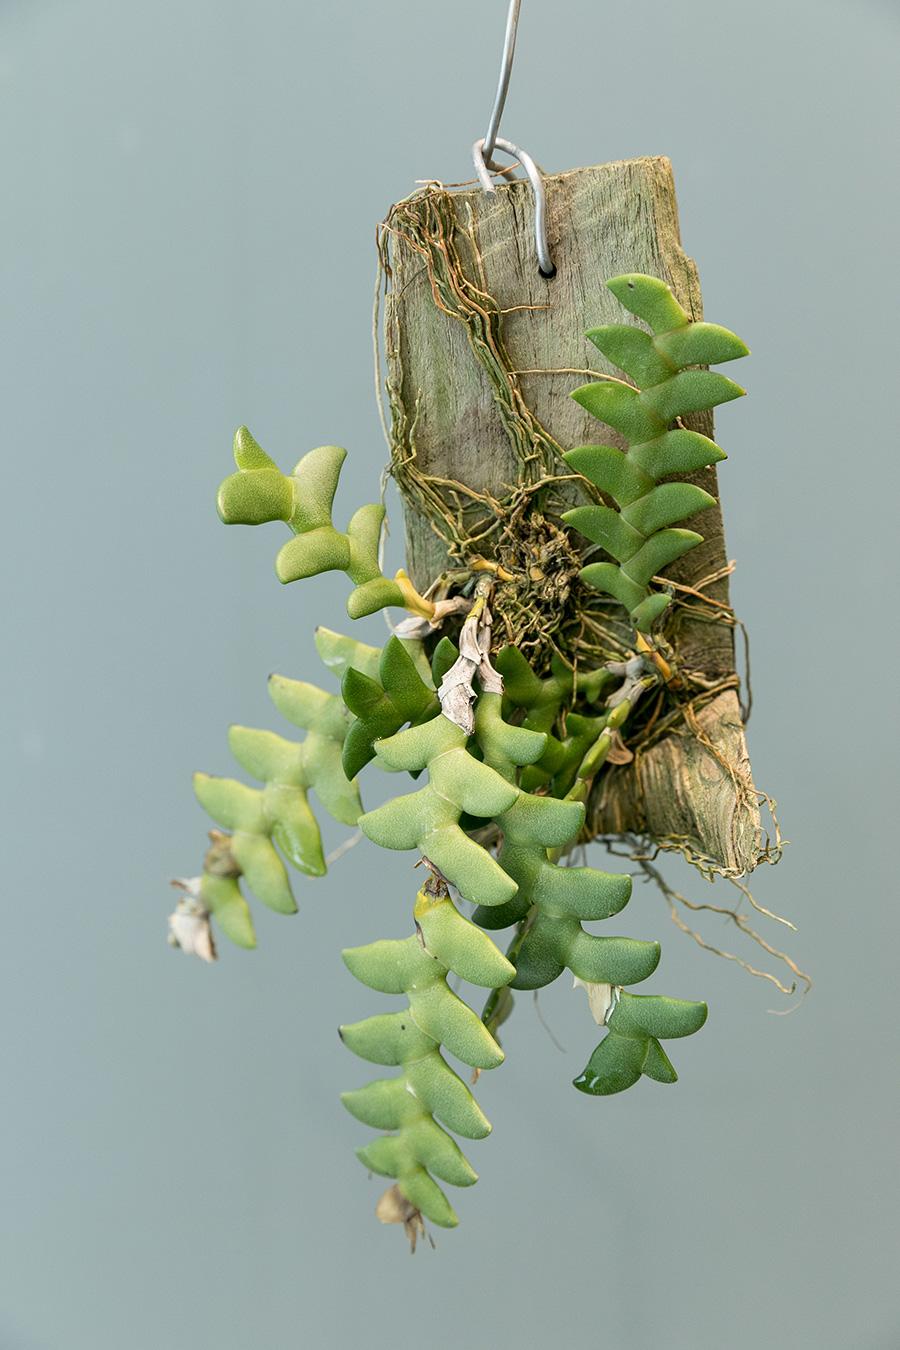 [Dendrobium Leonis]多肉植物のようなギザギザの葉がユニークなデンドロビウム レオニス。小さな香りの良い花を咲かせる。